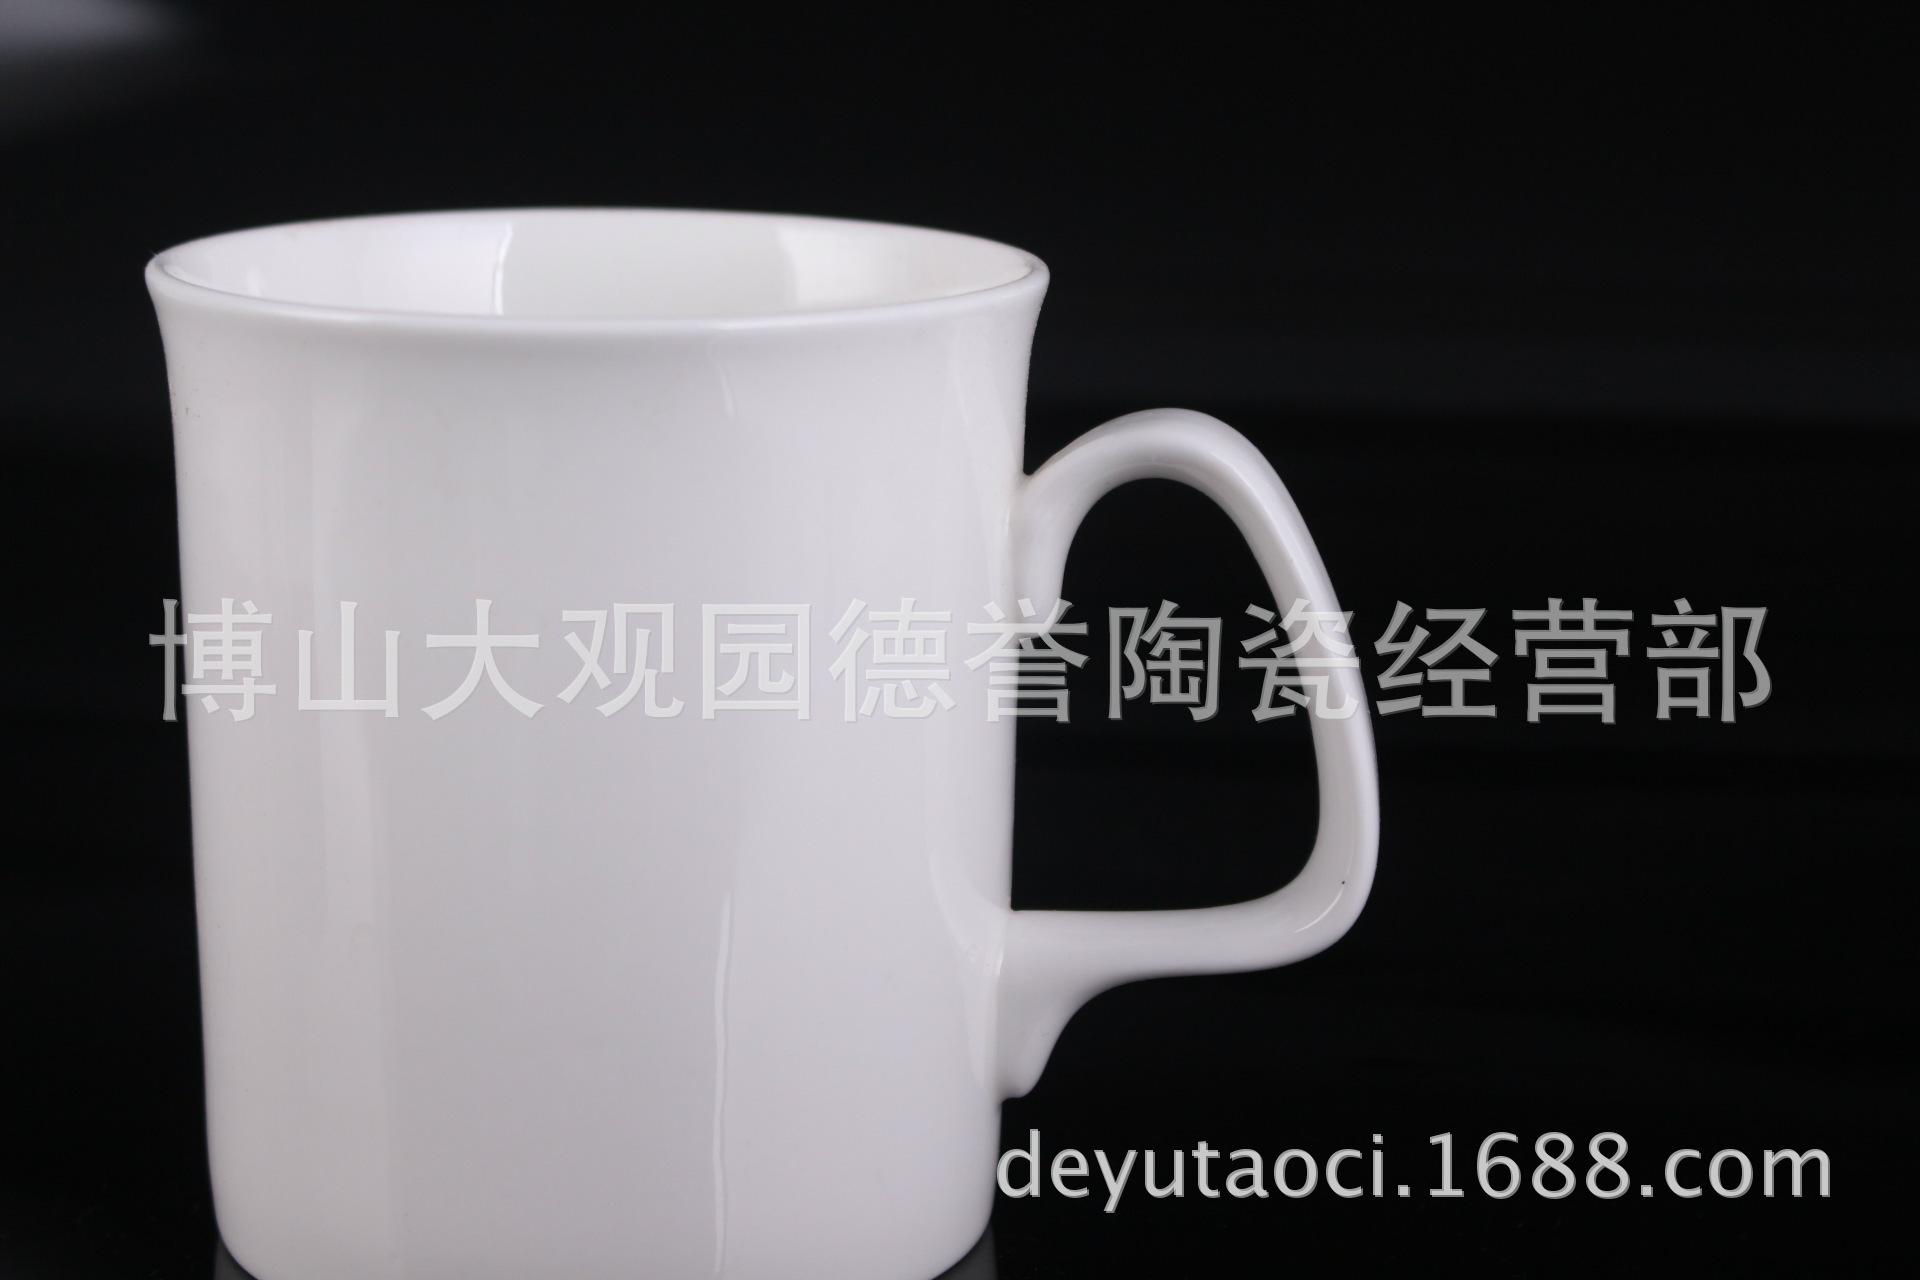 厂家直销高档创意礼品陶瓷杯情侣杯子马克杯生日婚庆回陶瓷杯0